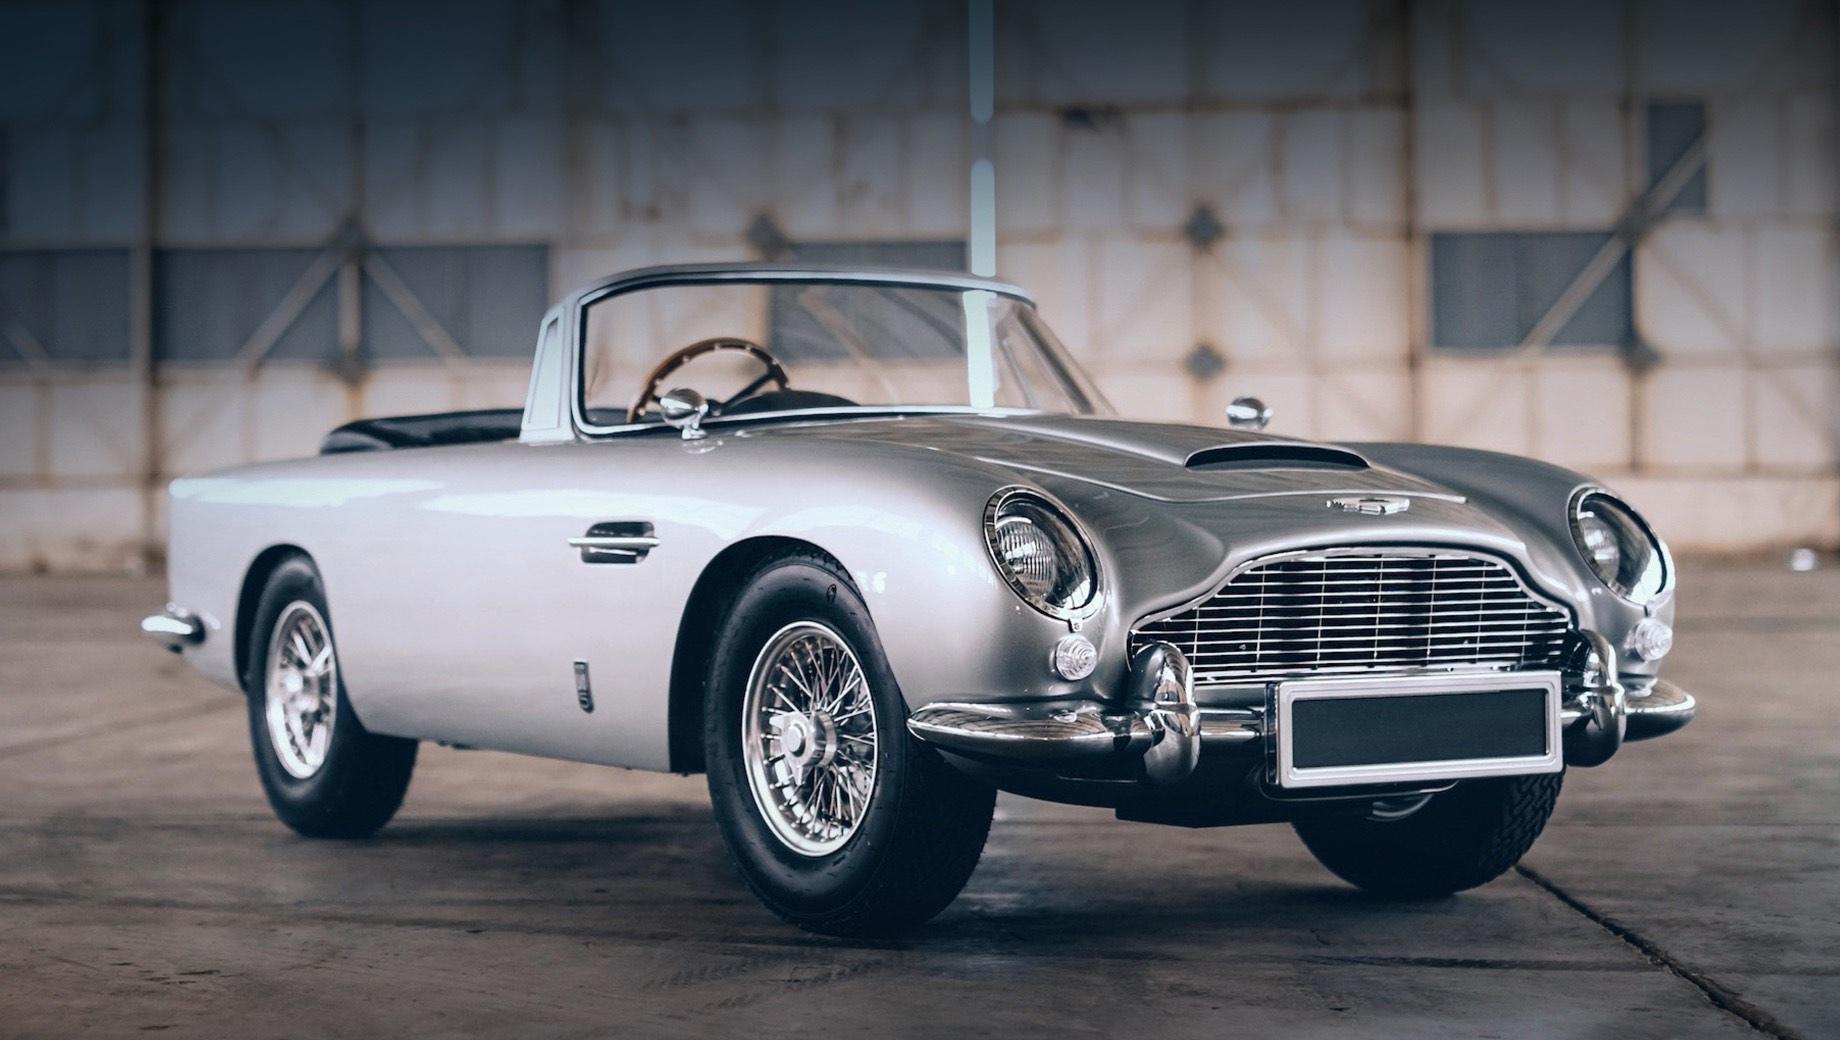 Aston martin db5. Масштаб новинки — 2:3 от размера оригинального спорткара из 60-х. Главное отличие кроется в том, что модель представляет собой родстер, а не купе, которые предпочитал Бонд. Зато это даёт возможность без особых проблем разместиться внутри одному взрослому и ребёнку.